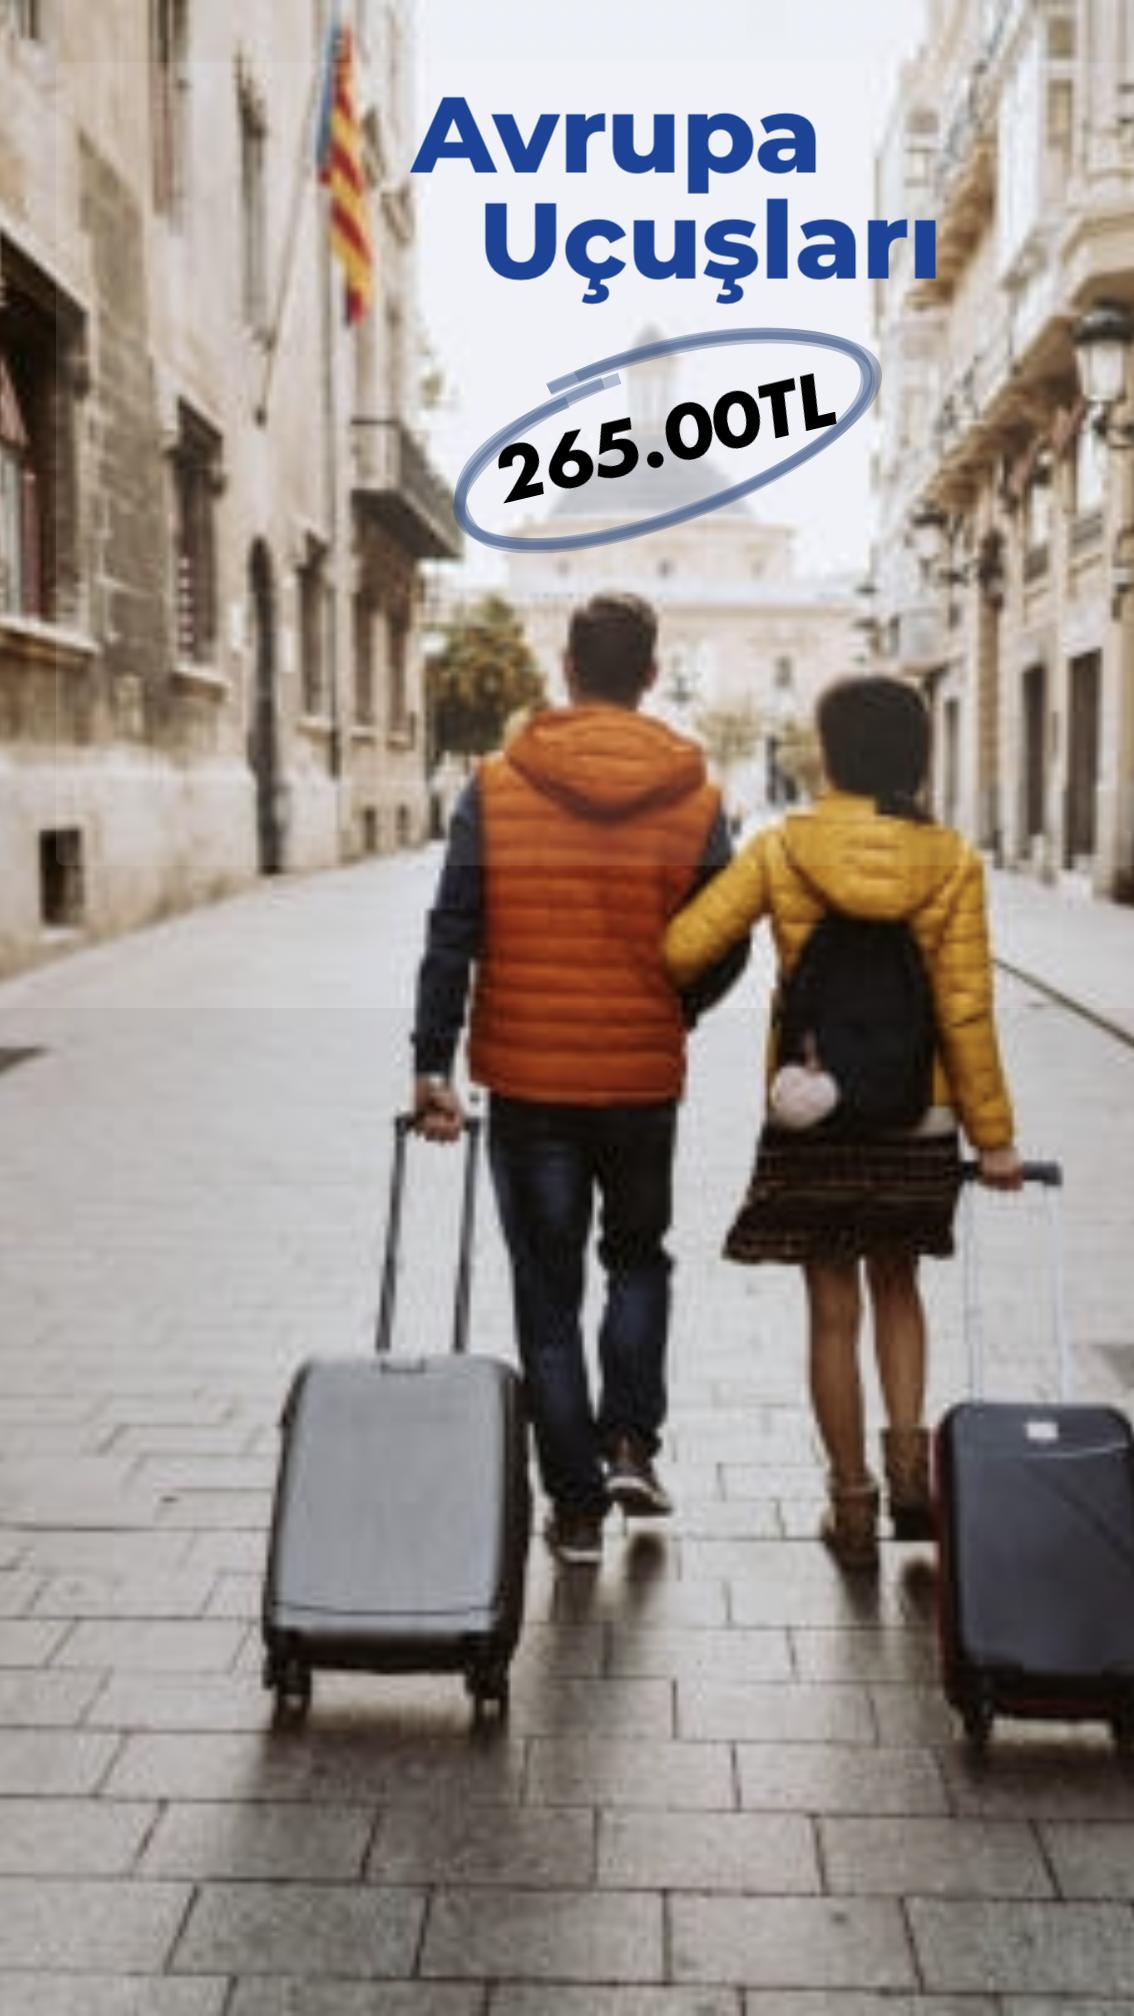 Avrupa'da Birçok Noktaya 265.00 TL'den Fiyatlarla Uçma Şansı